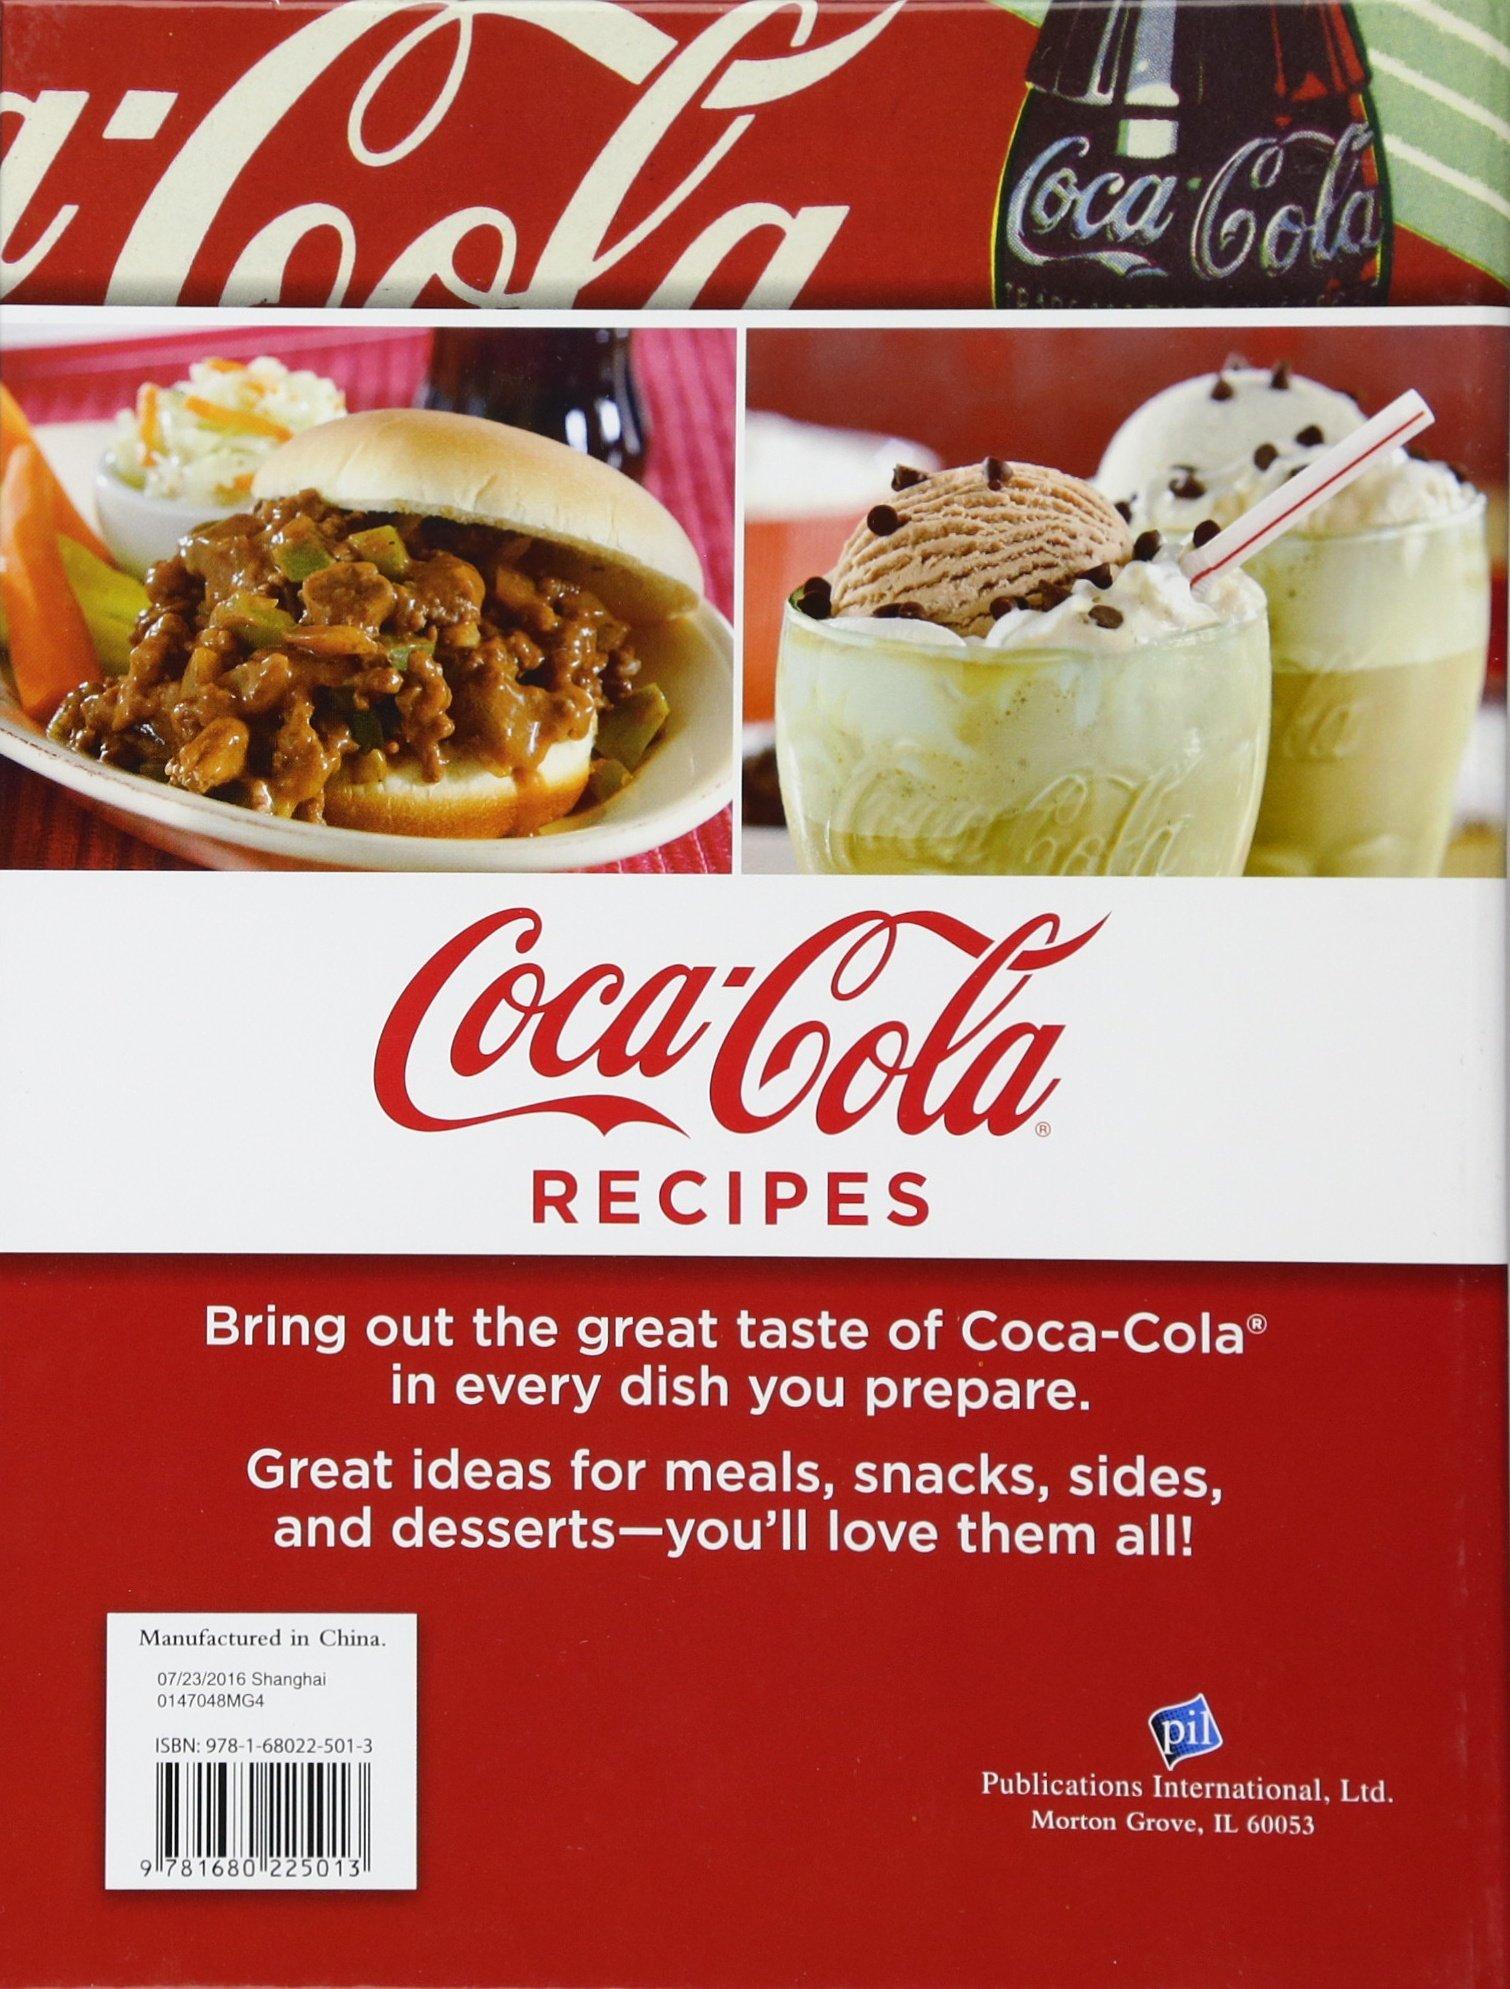 Coca cola recipes editors of publications international ltd coca cola recipes editors of publications international ltd 9781680225013 amazon books forumfinder Choice Image